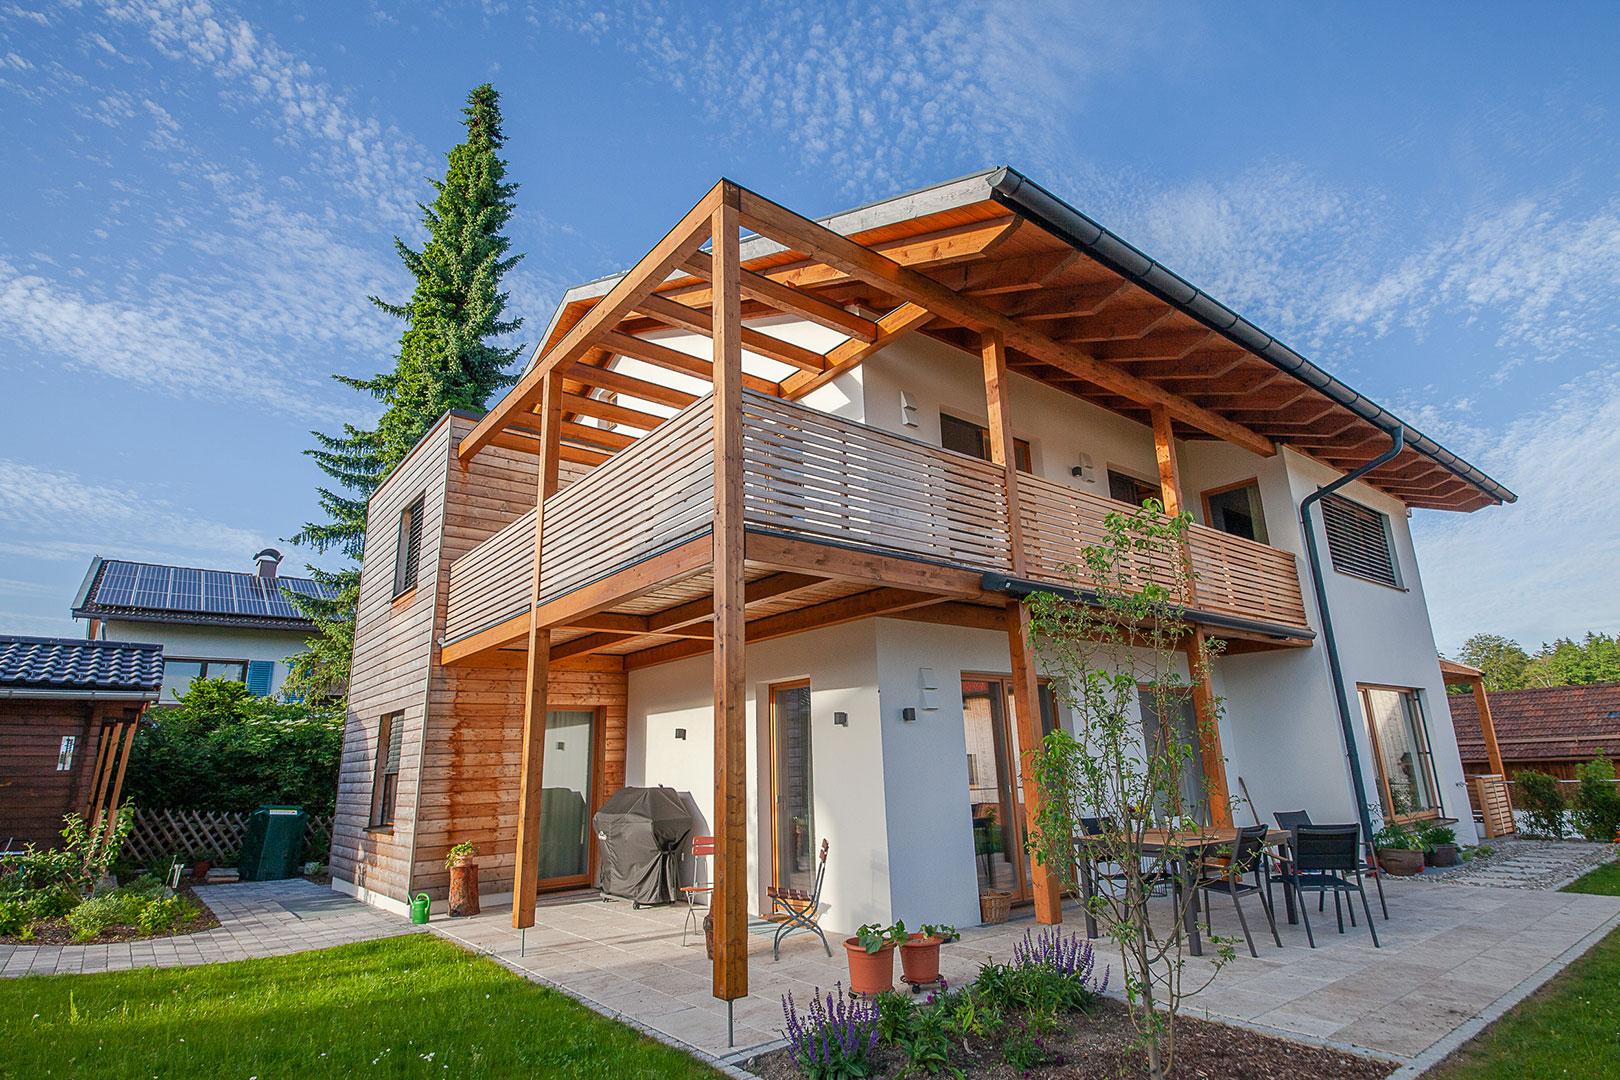 Kendler Holzhaus Hufschlag